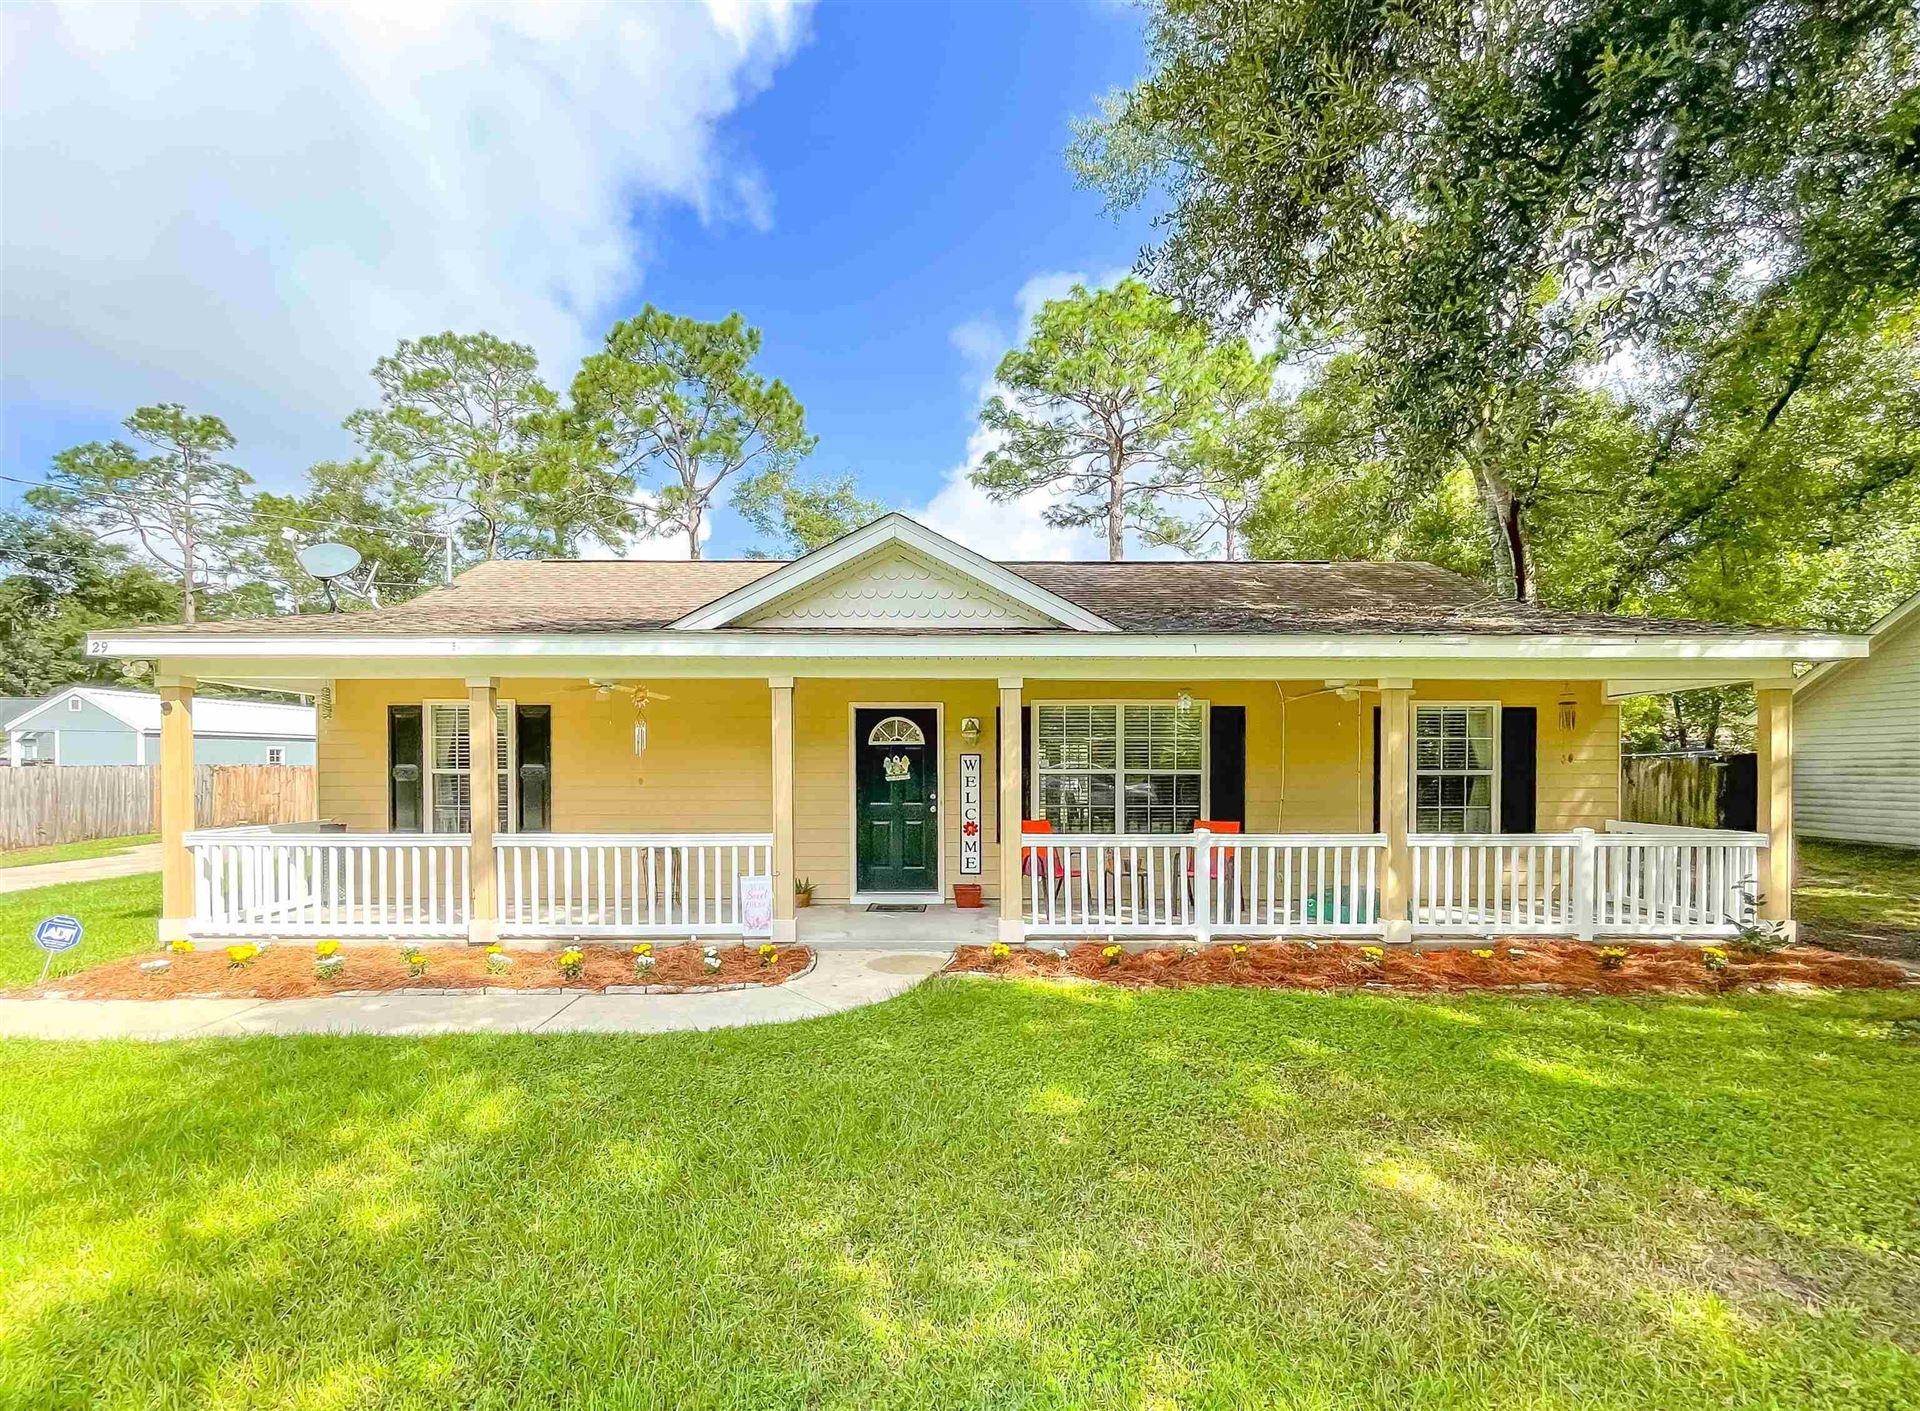 29 Midway Court, Crawfordville, FL 32327 - MLS#: 337635